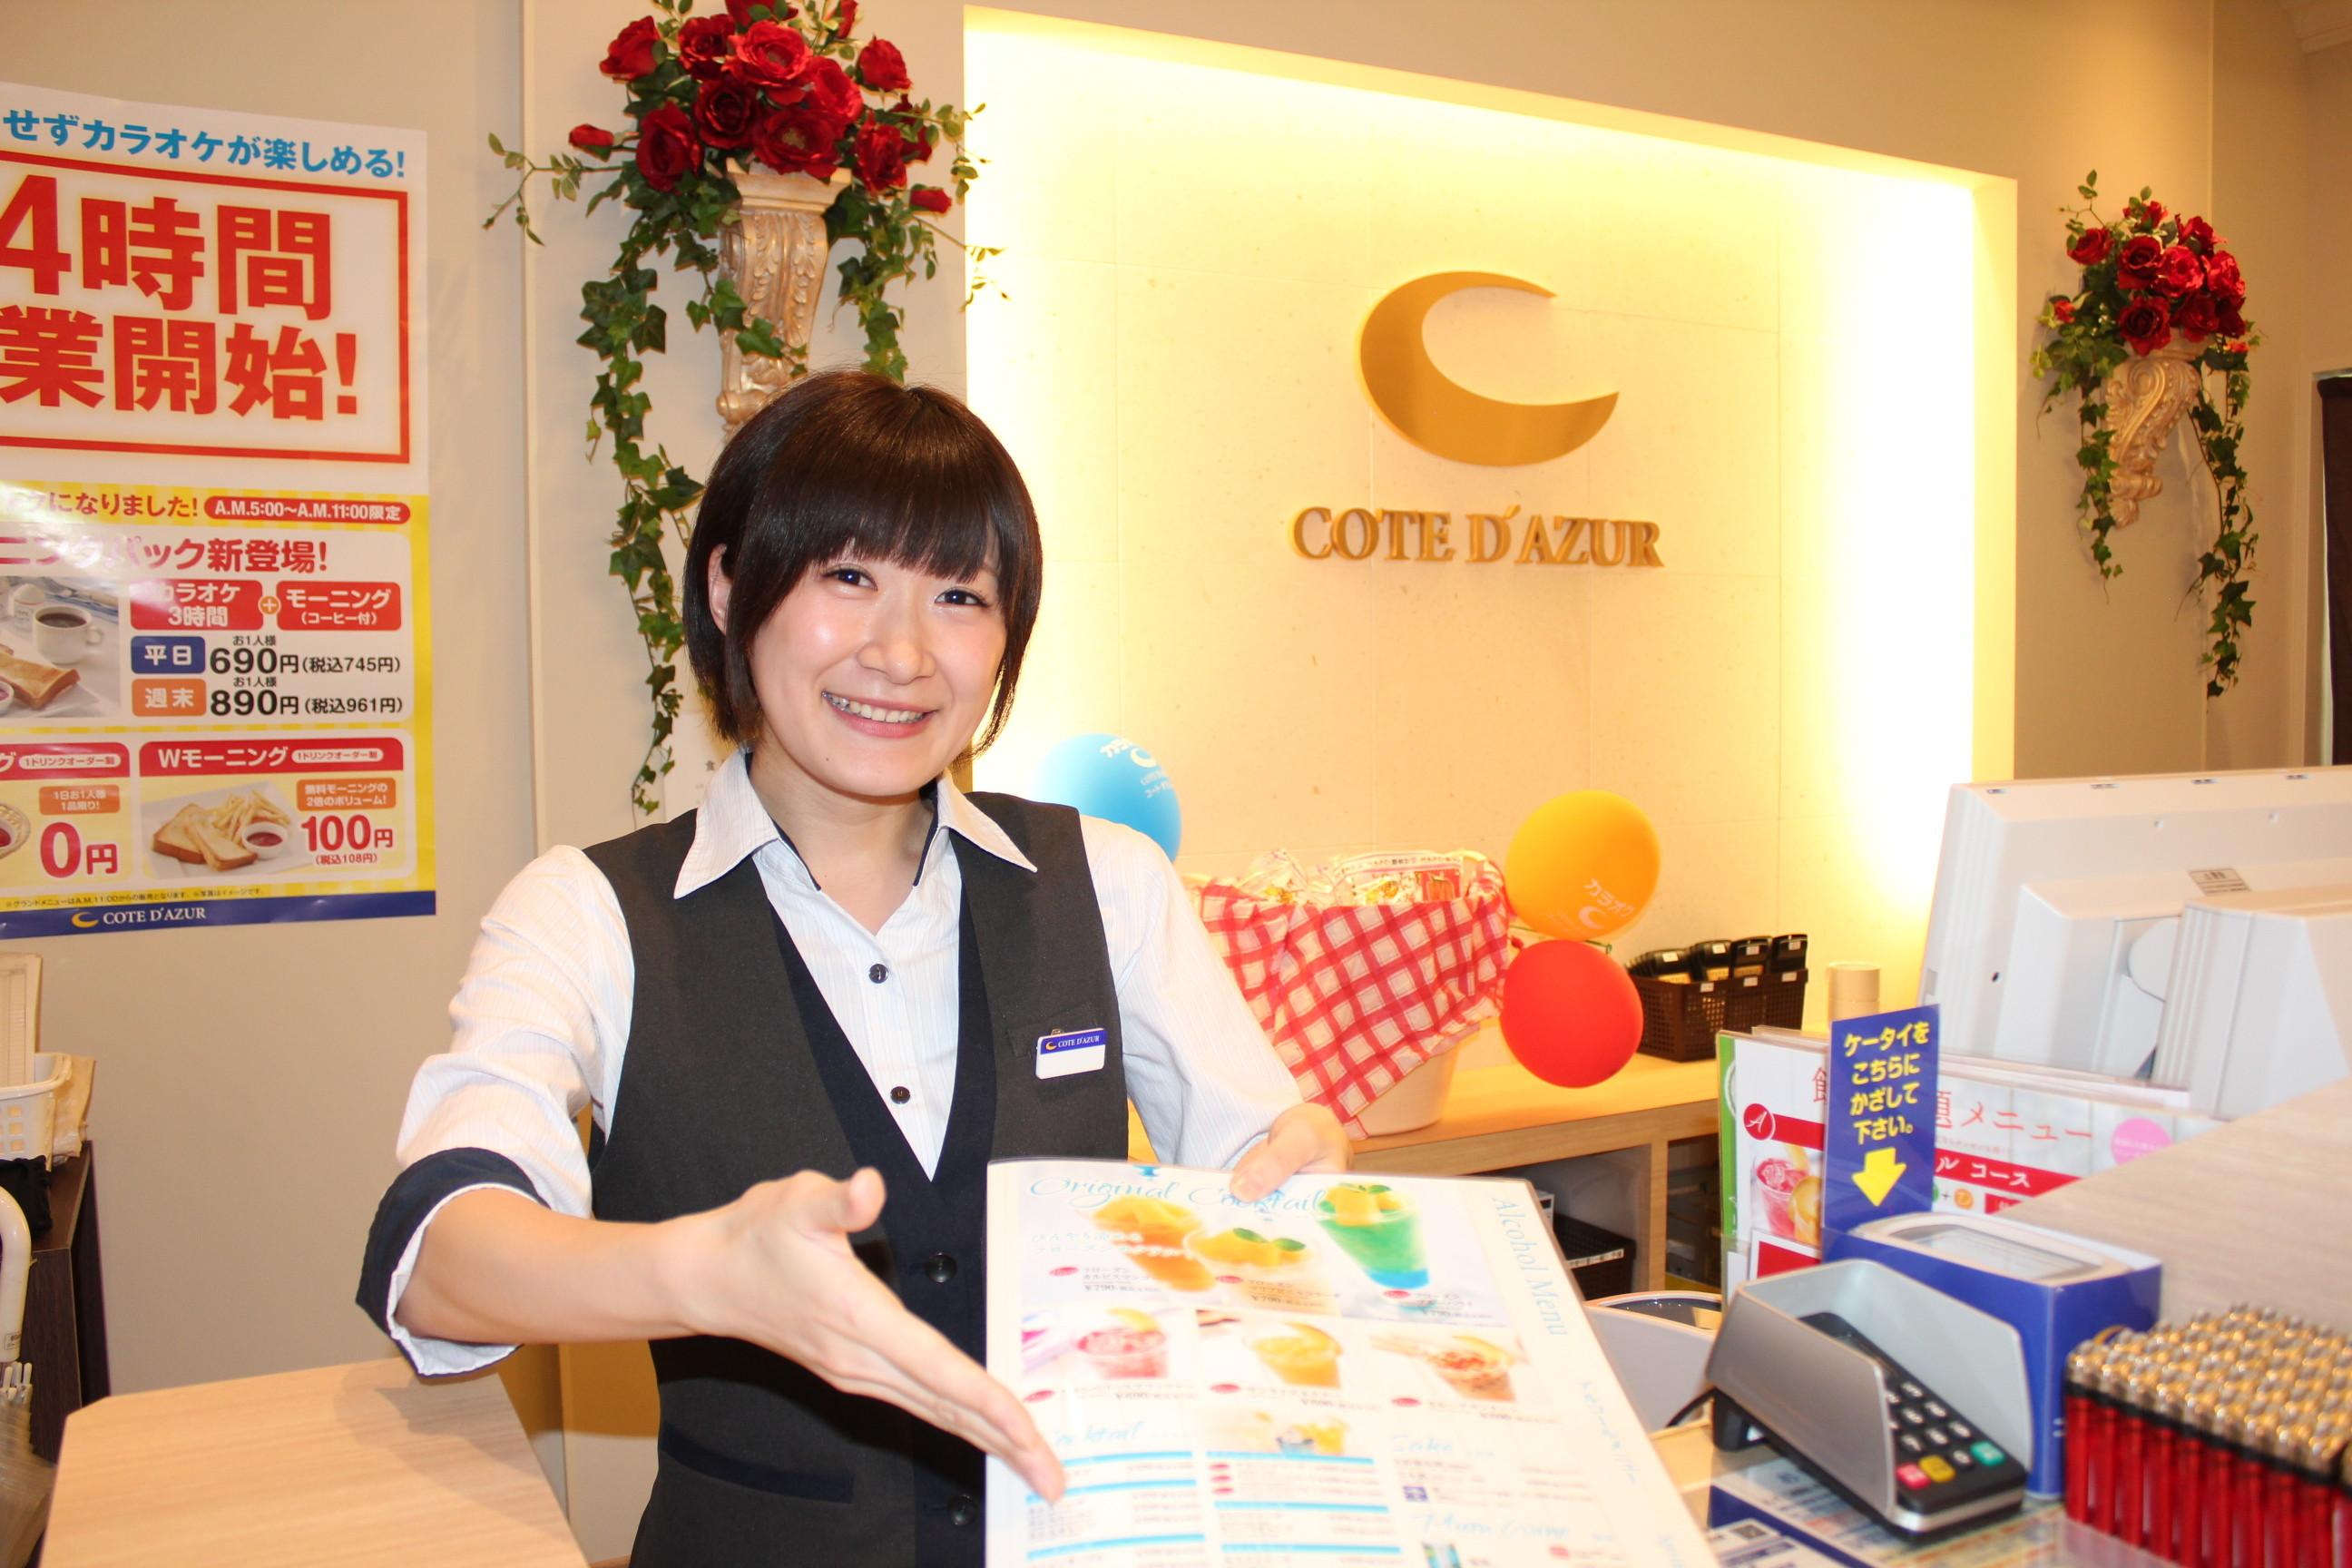 コート・ダジュール 飯田インター店 のアルバイト情報